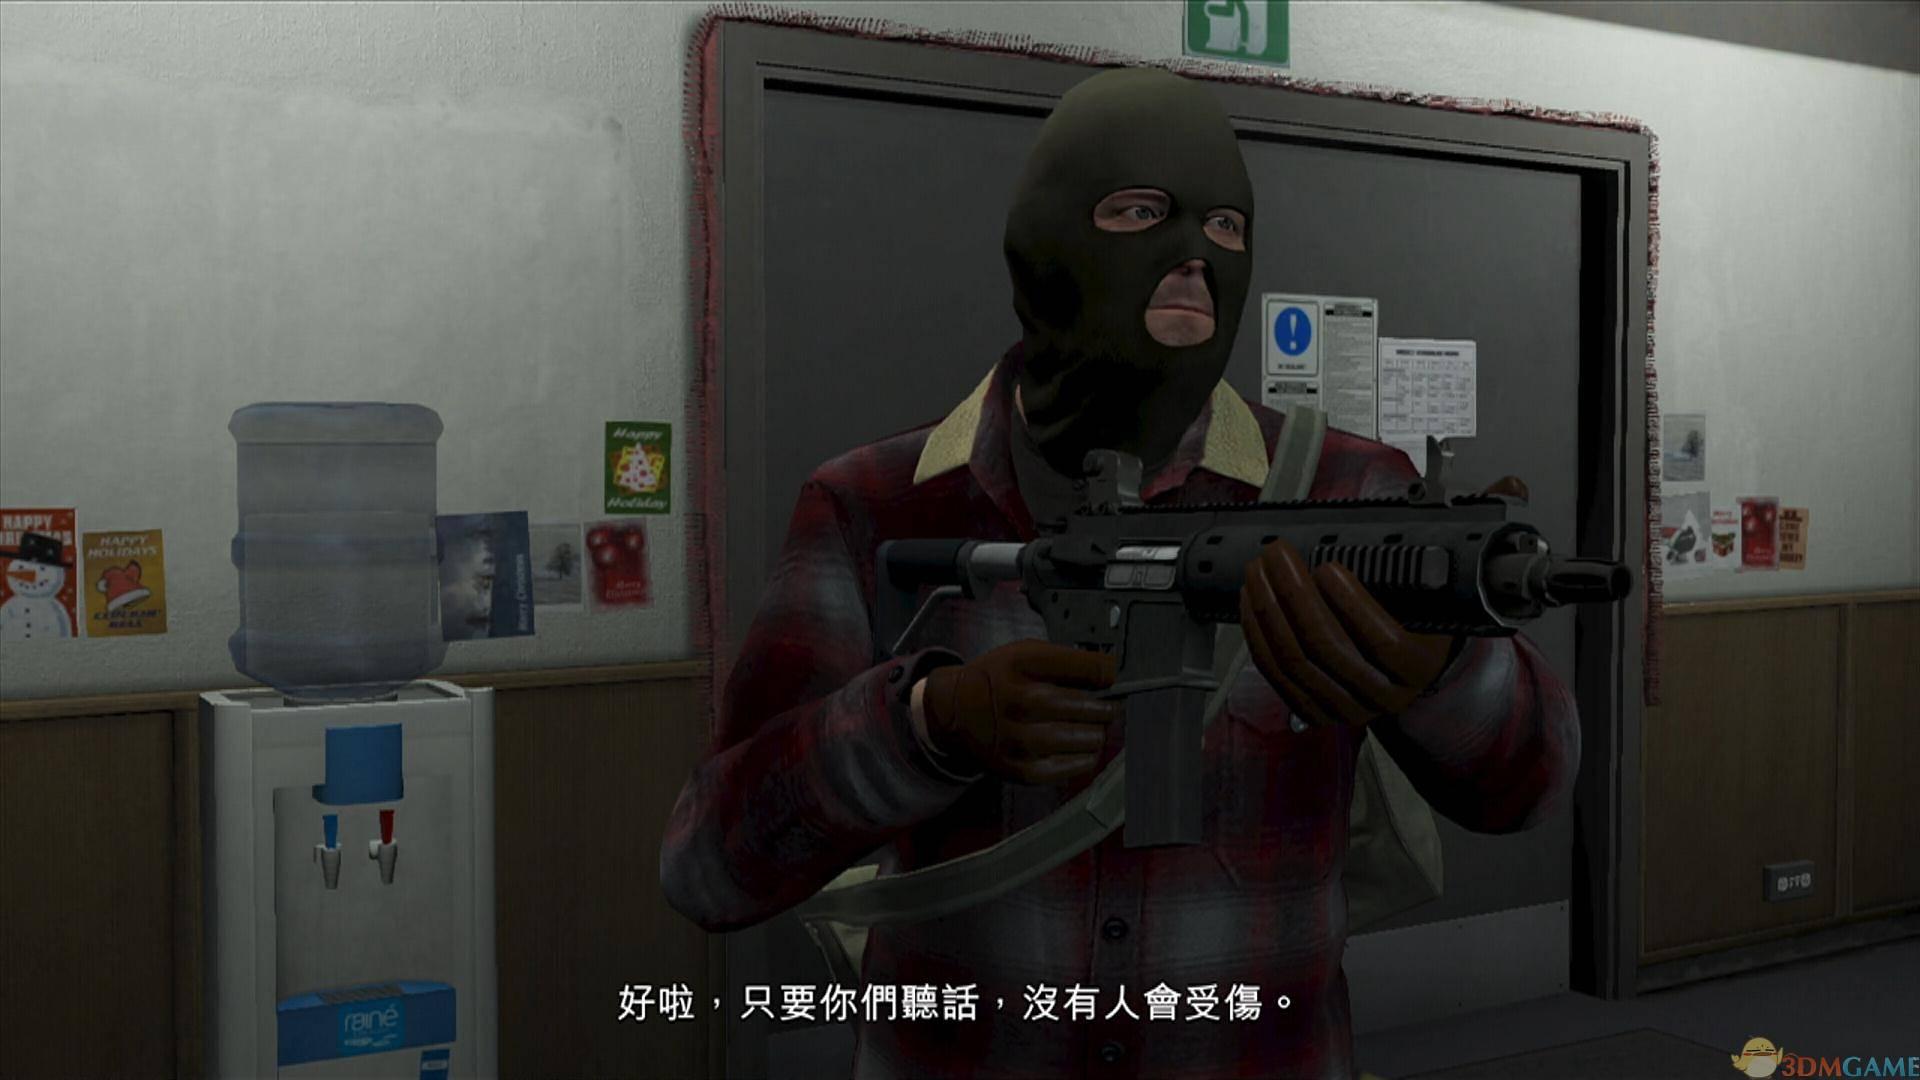 侠盗猎车5 5号升级档+破解补丁v5[3DM]